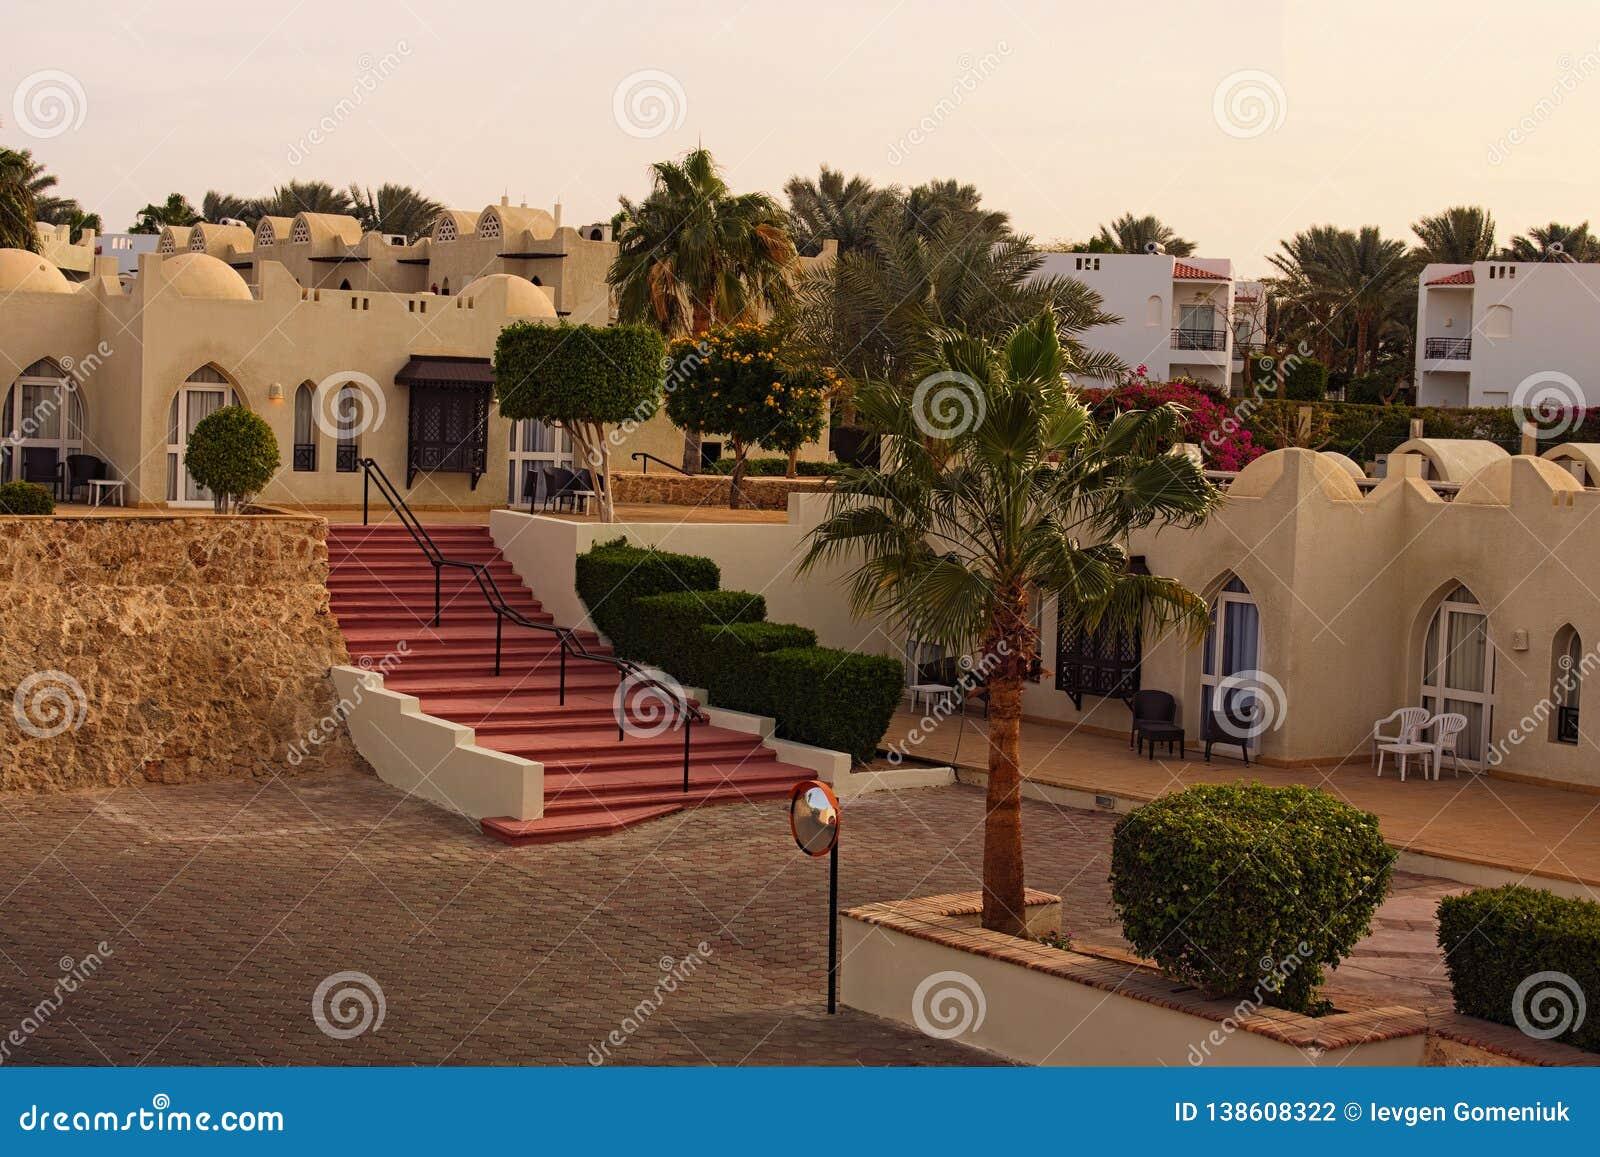 Schilderachtige ochtendmening van hotel de bouw van toevlucht met palmen en struiken tijdens zonsopgang Grsjeik van Sharm, Egypte